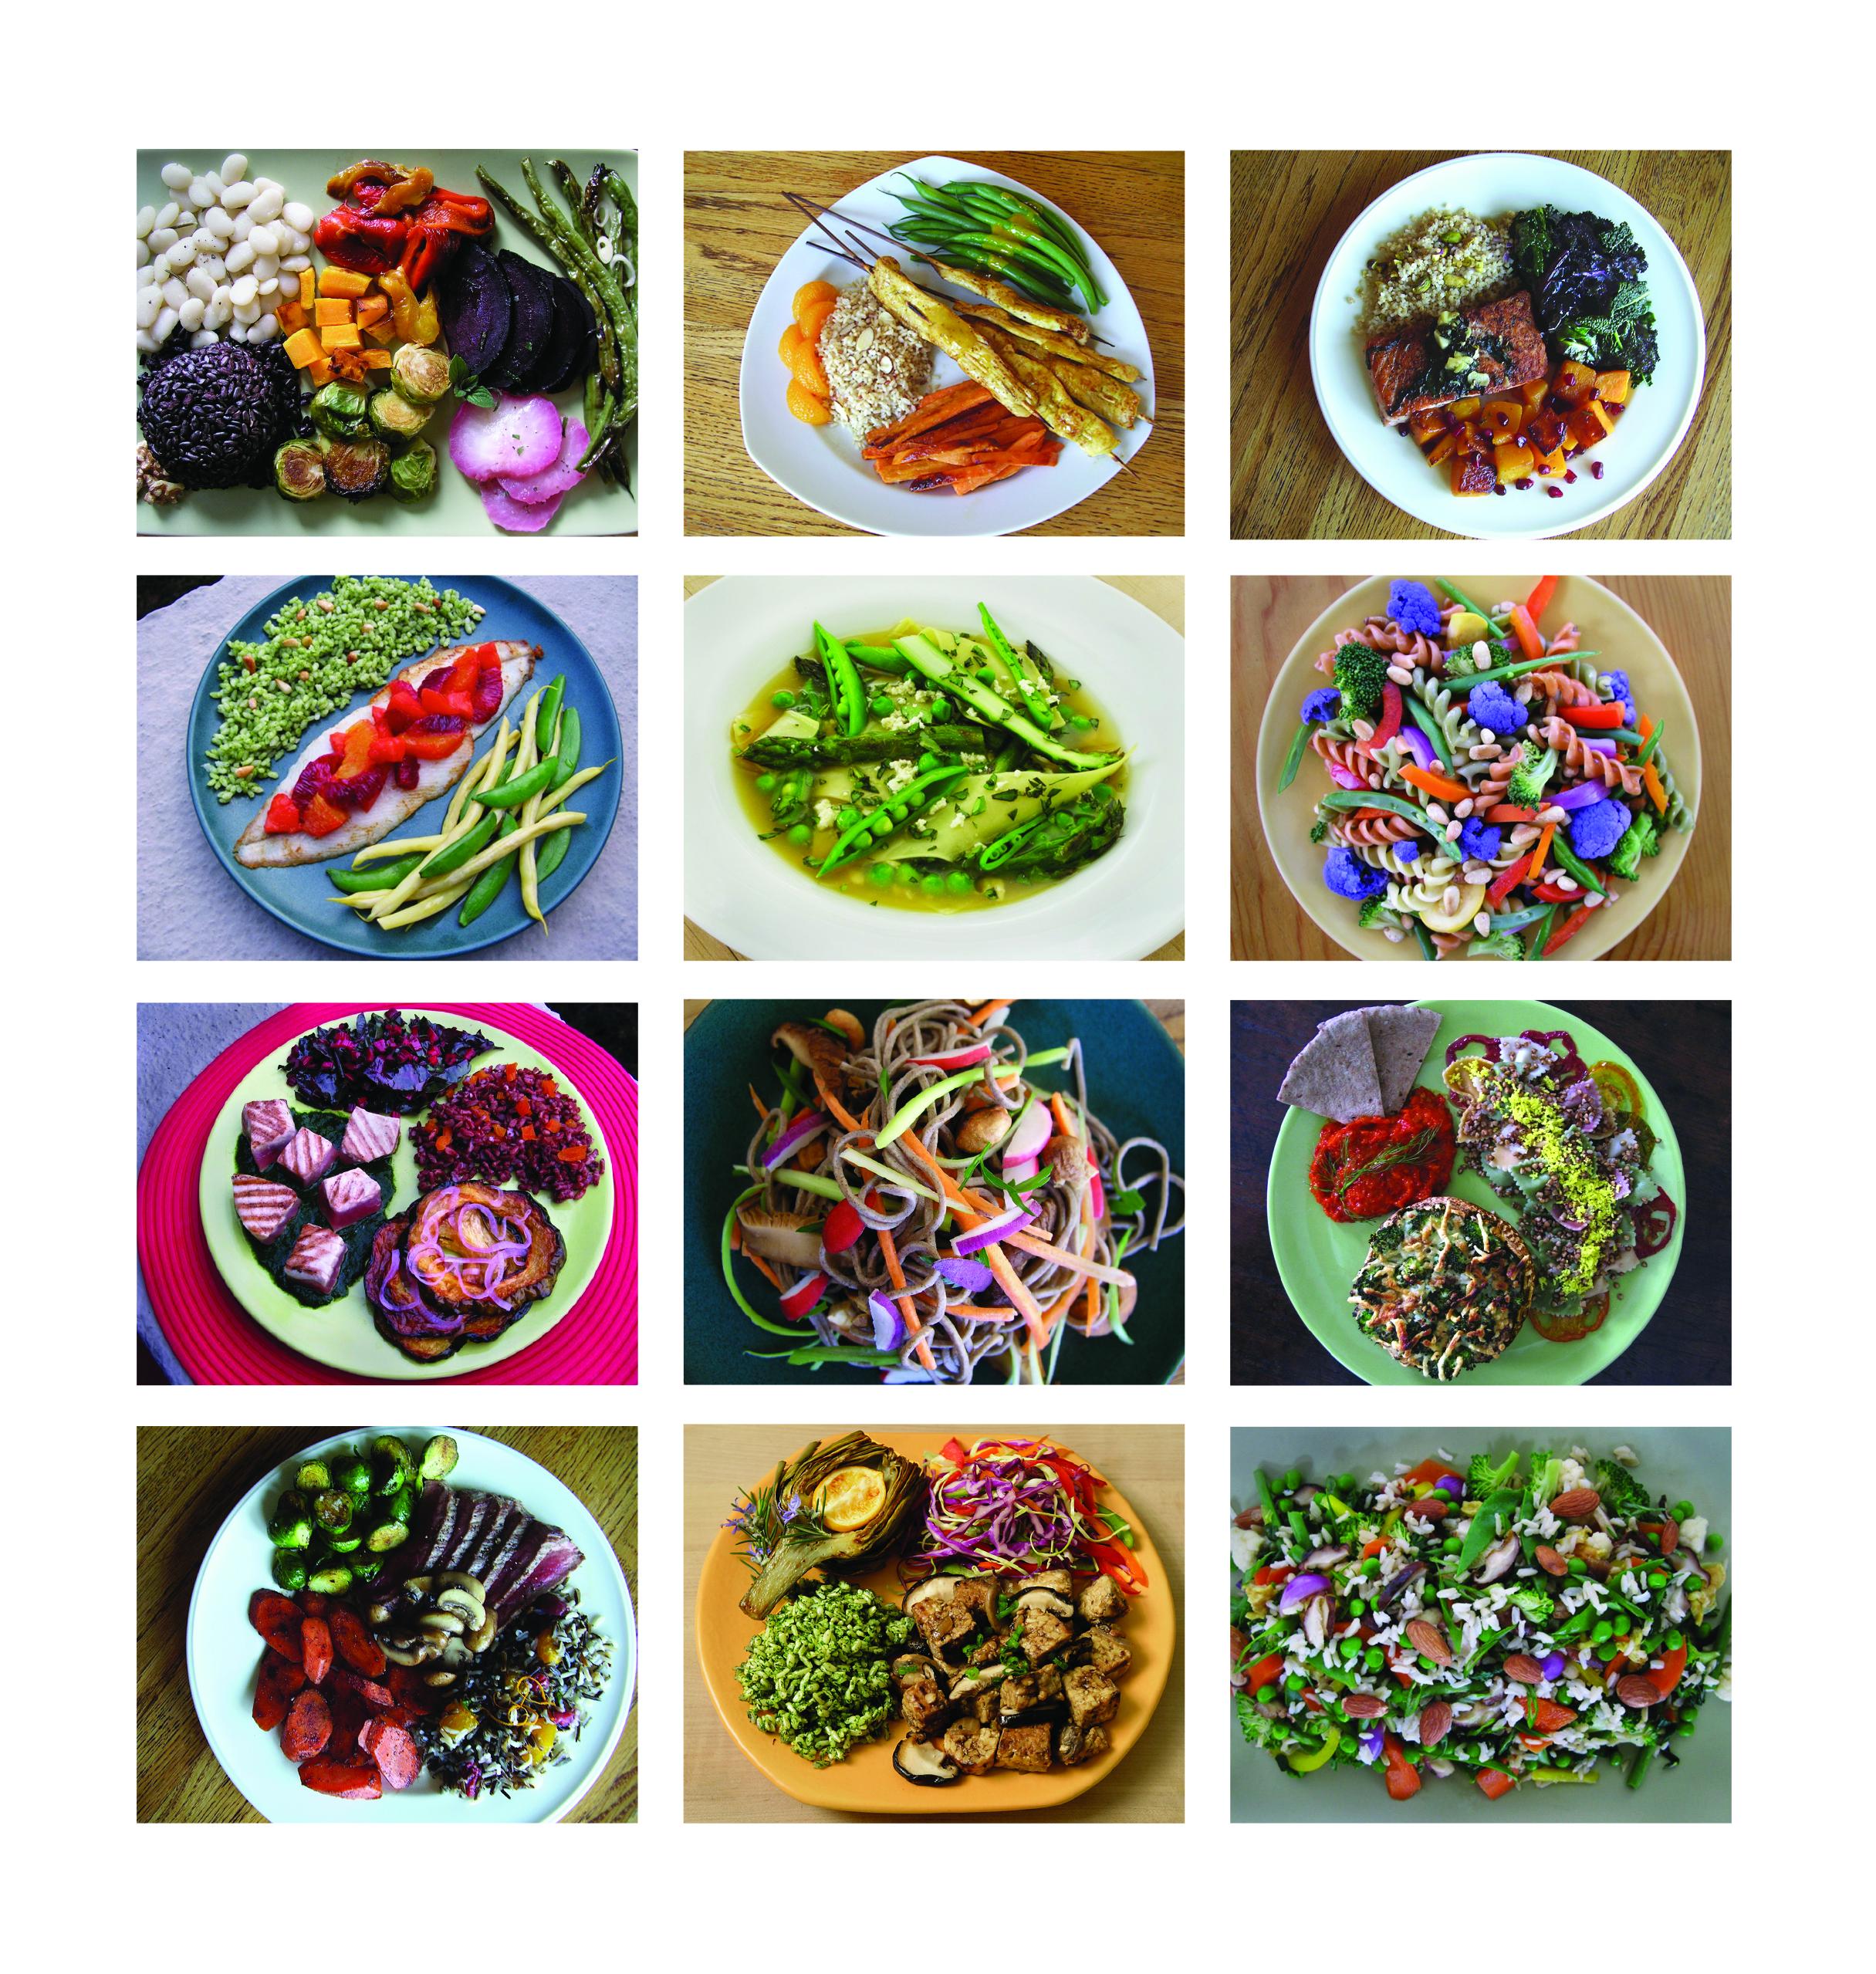 EAT-Lancet Commission